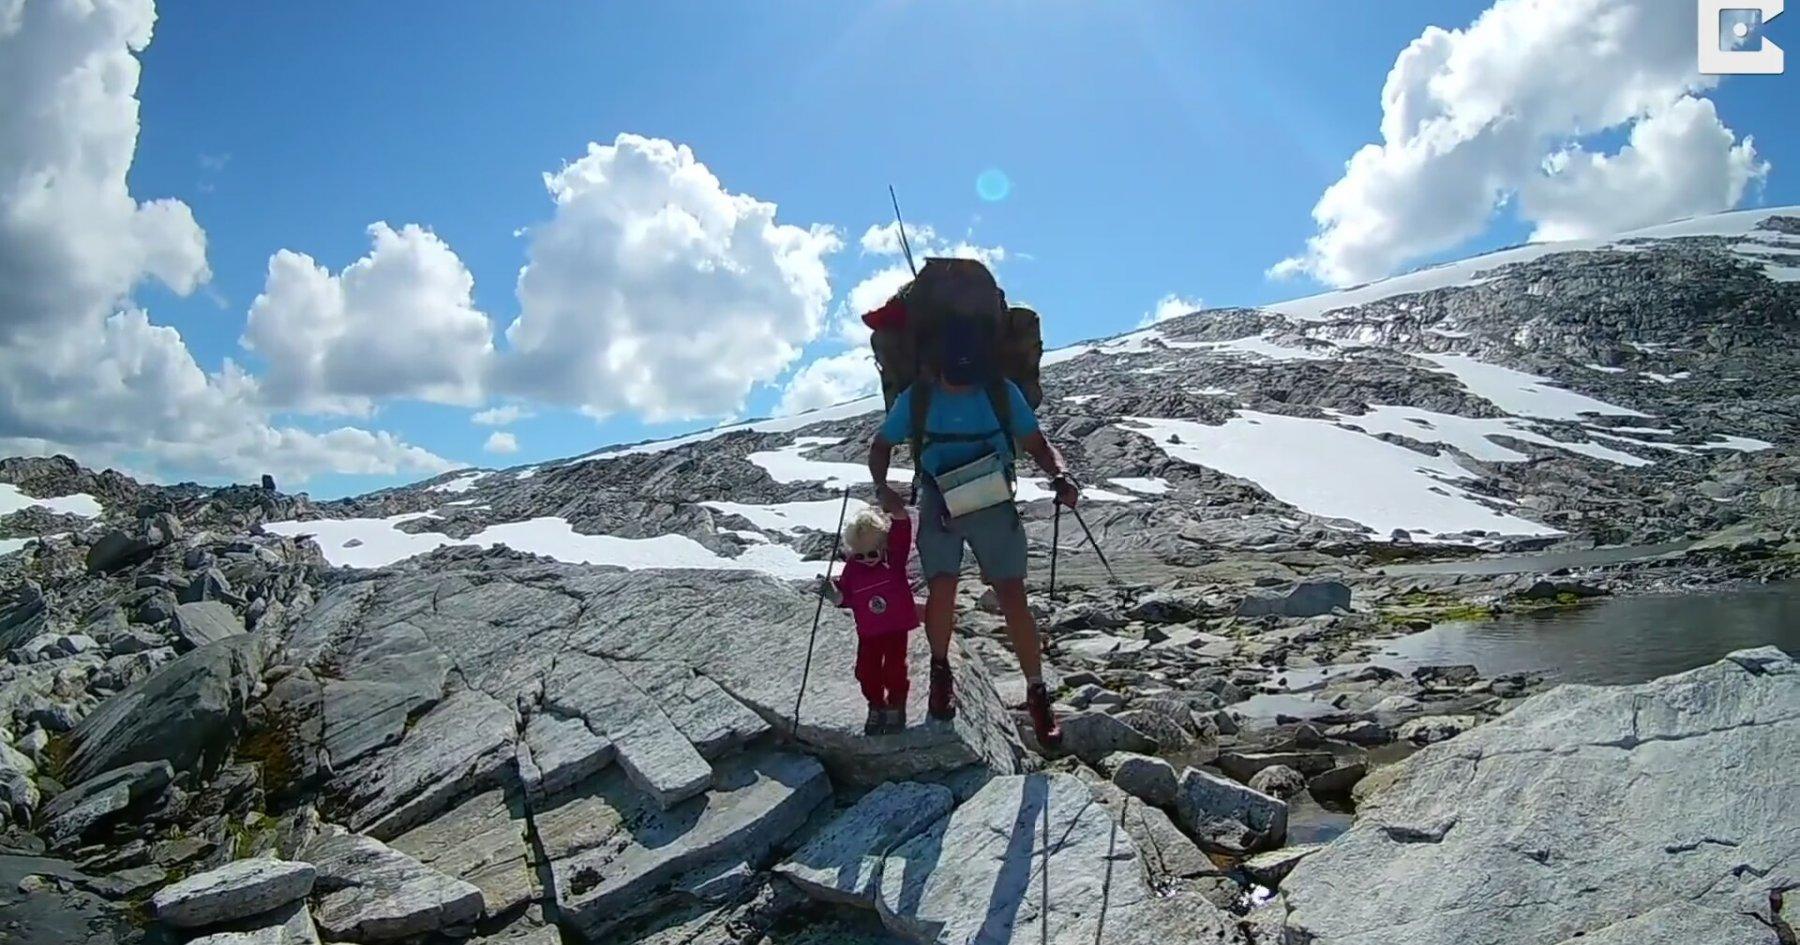 İki Yaşındaki Kızıyla Norveç Dağlarında Dolaşan Baba